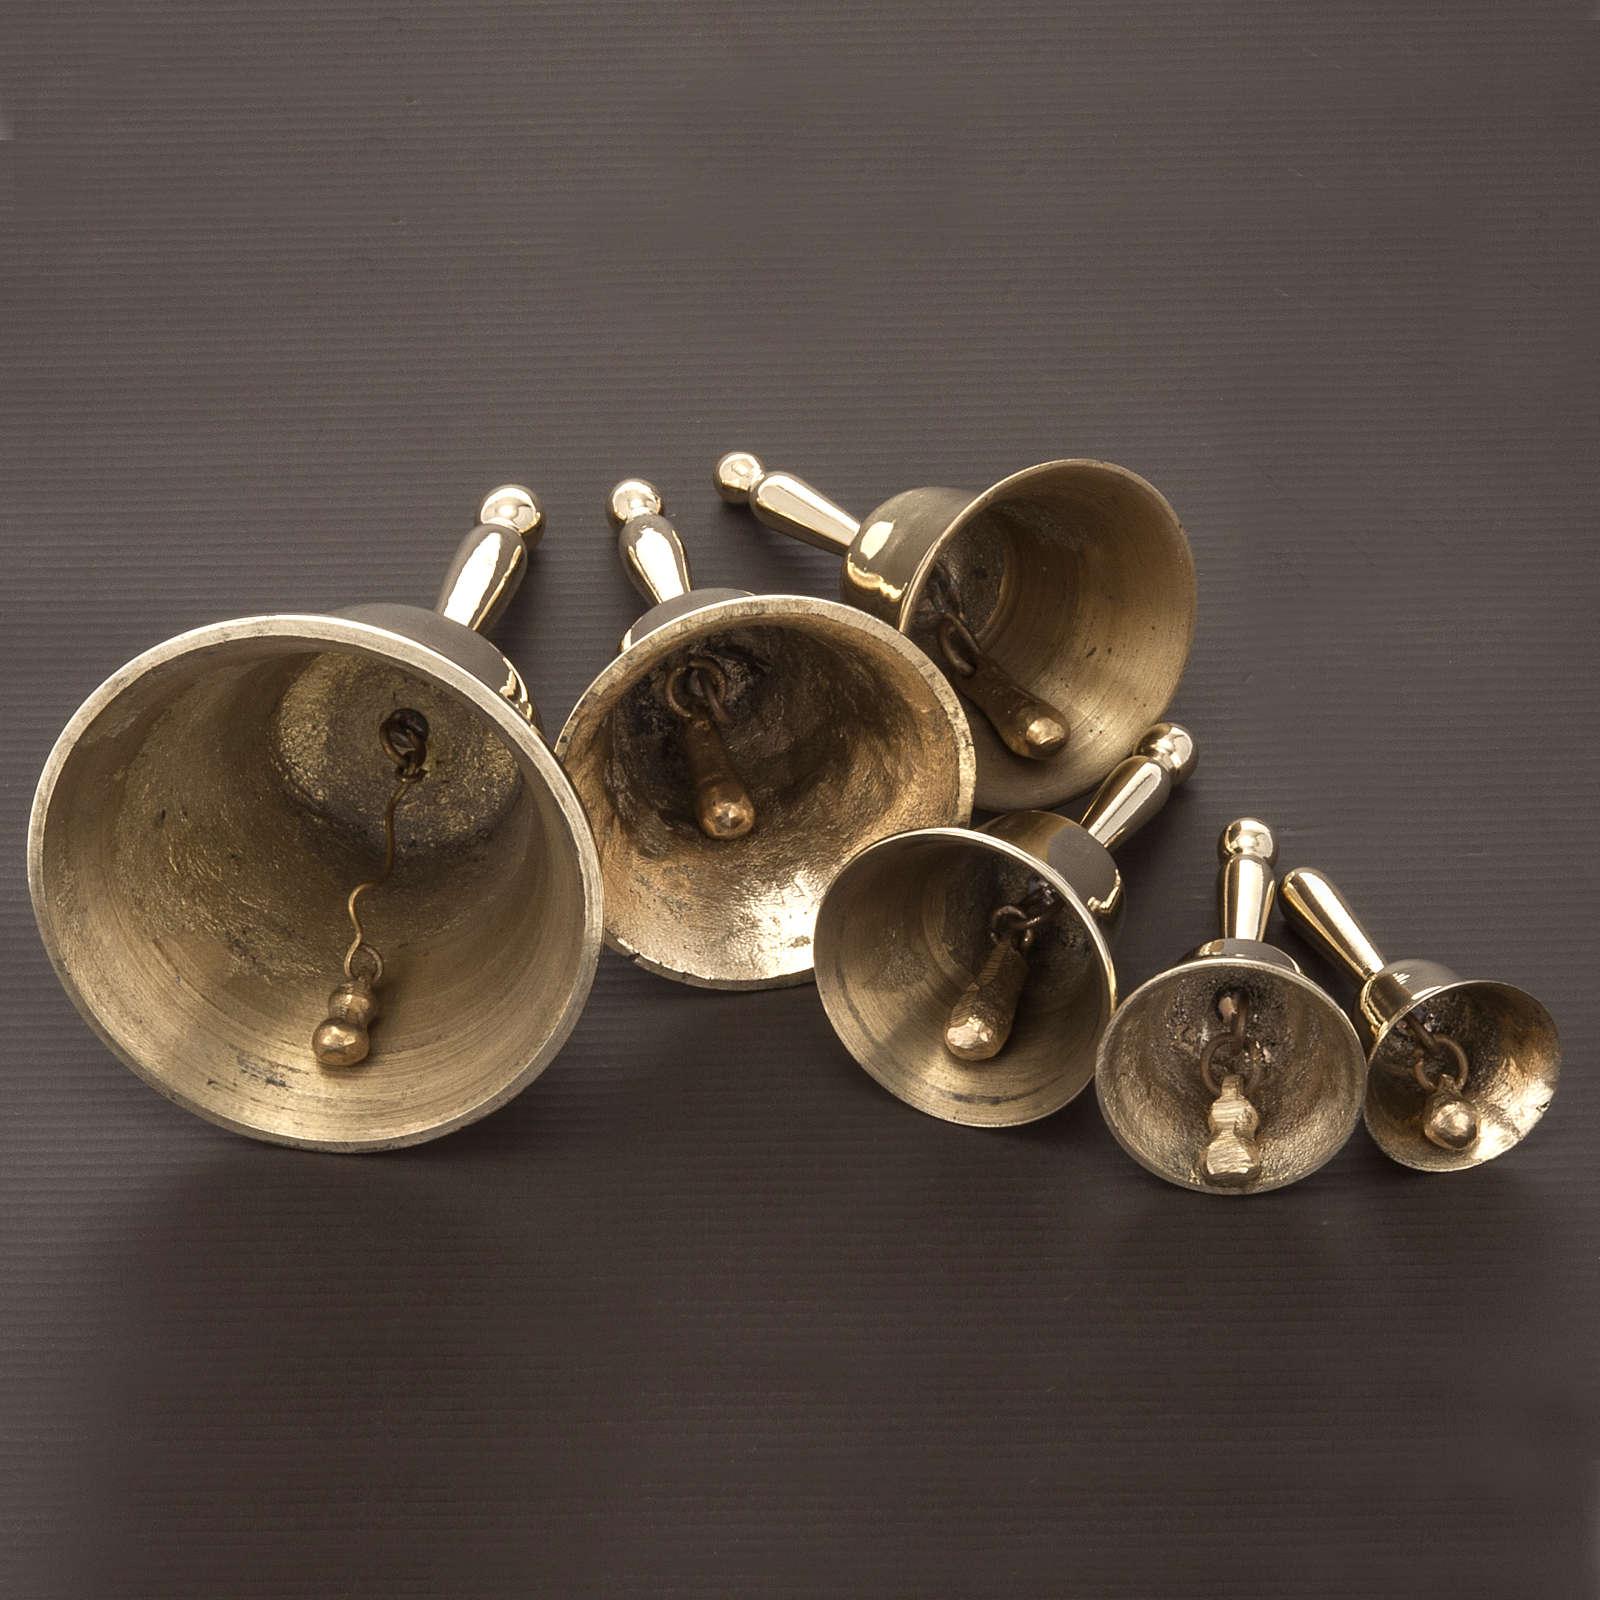 Dzwonek liturgiczny pojedynczy pozłacany różne wielkości 3